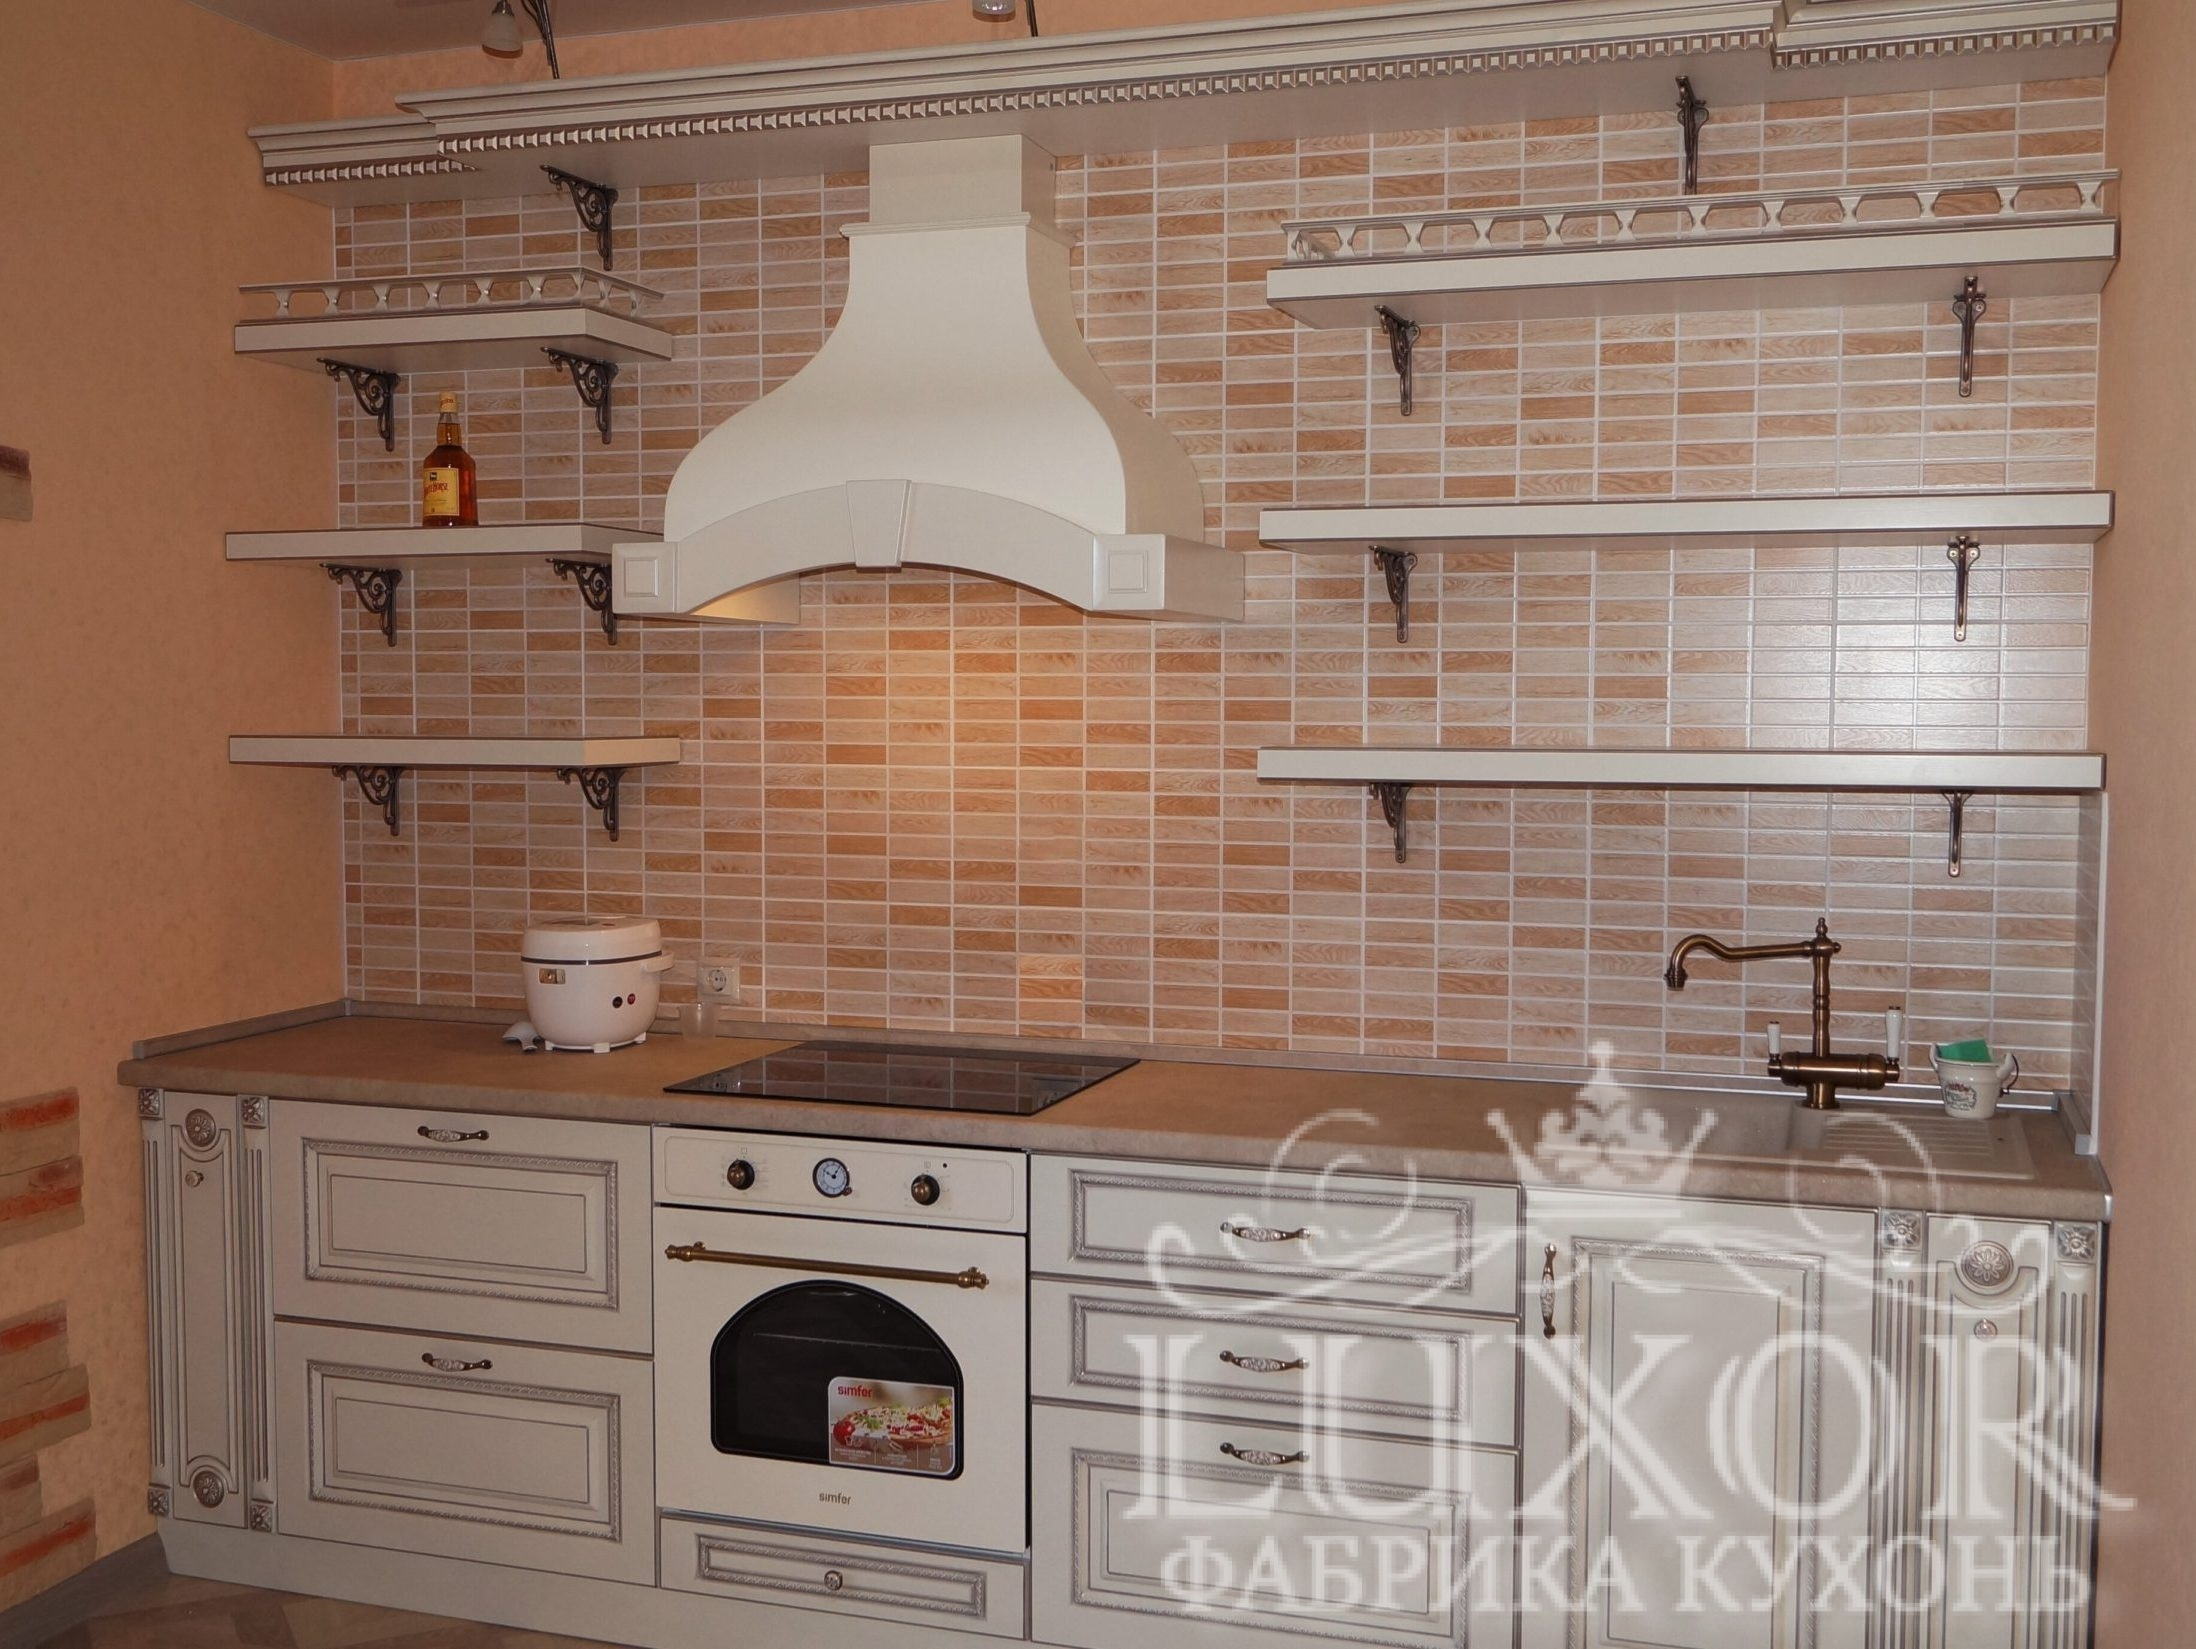 Кухня София - изображение